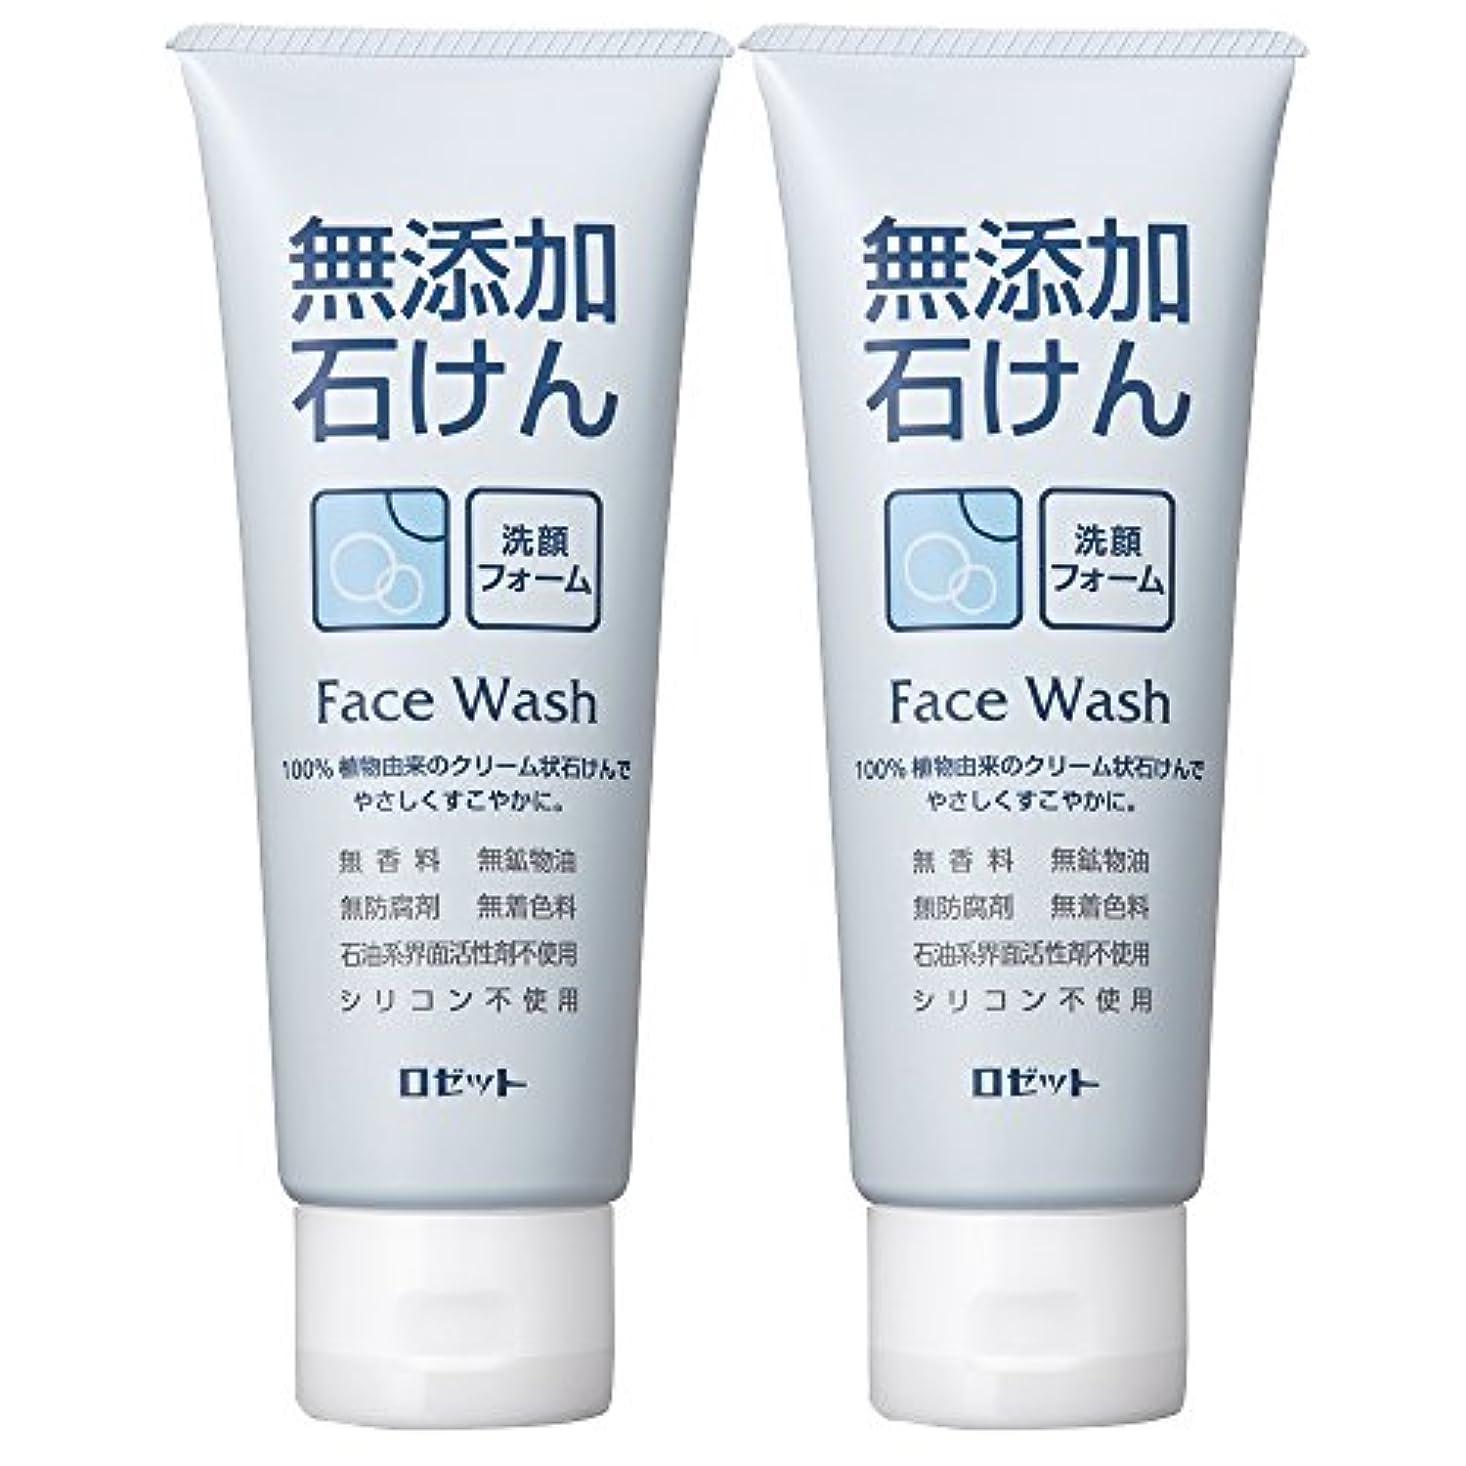 ロゼット 無添加石けん 洗顔フォーム 140g×2個パック AZ